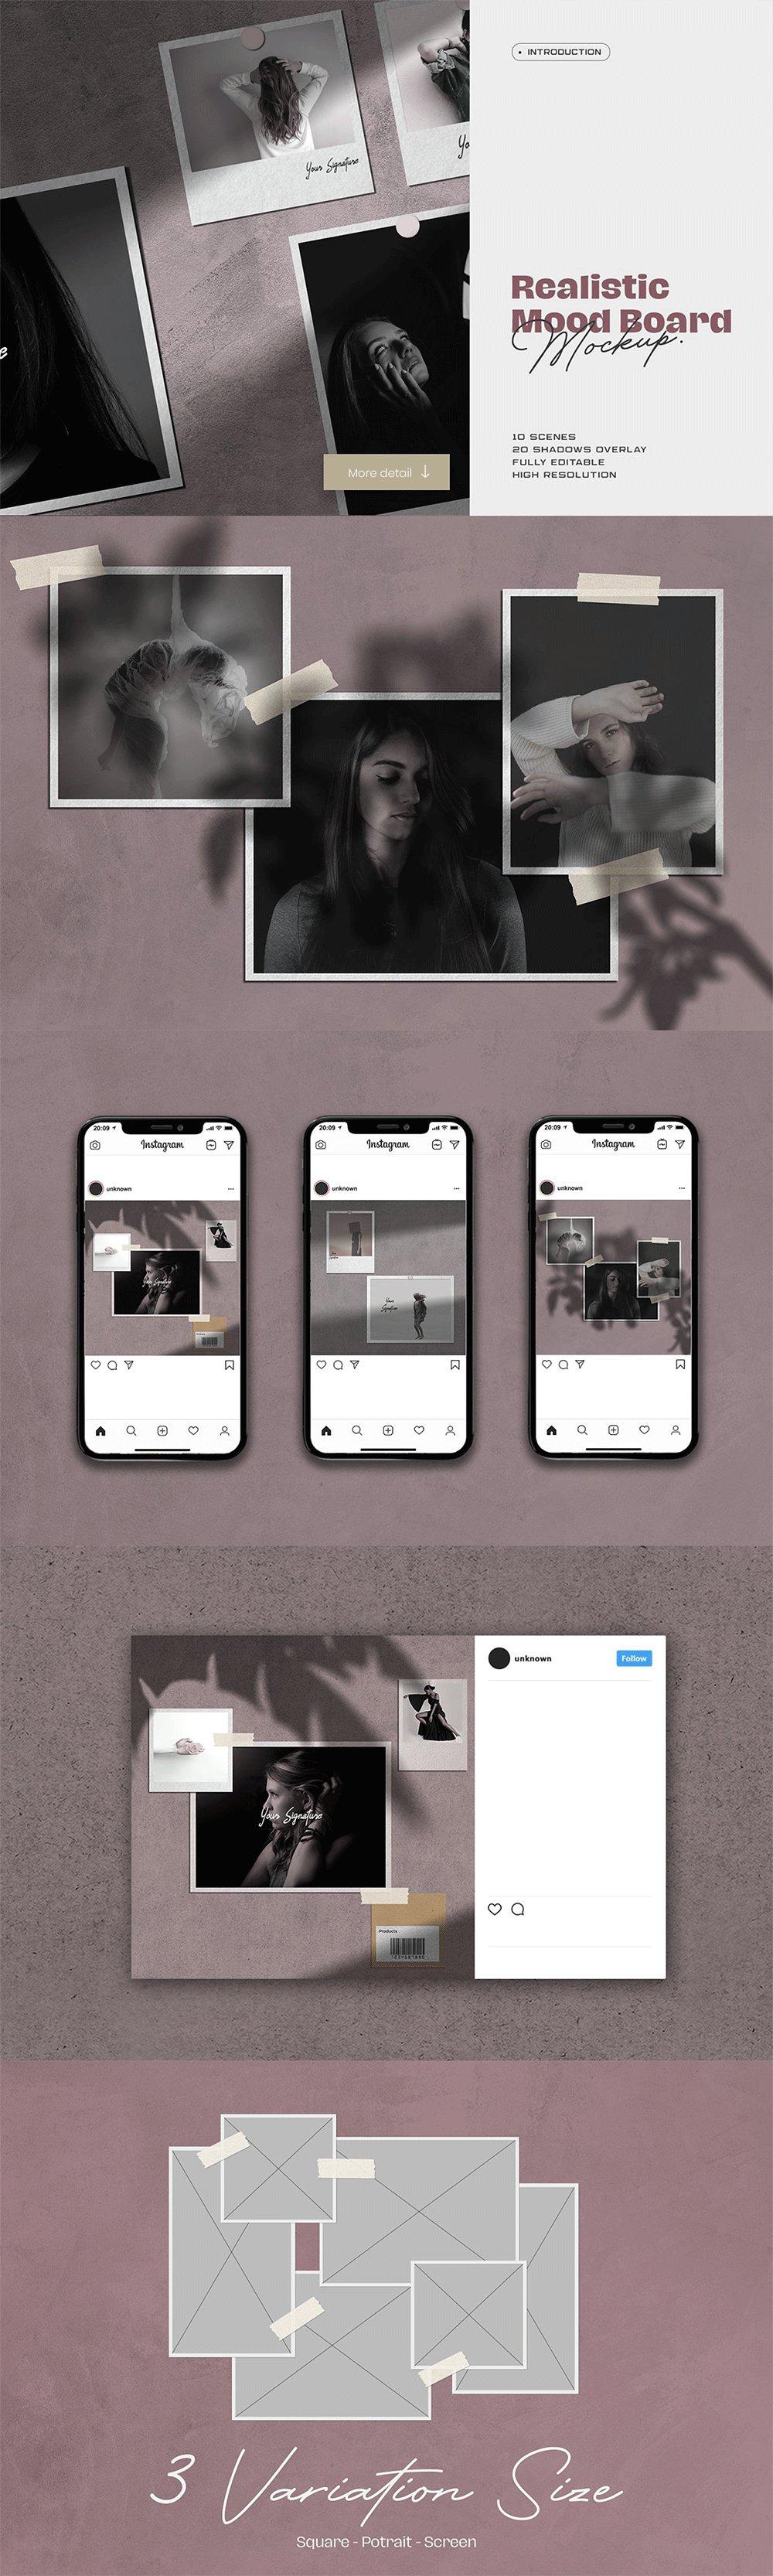 [淘宝购买] 10套文艺情绪板摄影相片卡片拼贴设计PSD源文件 Bundle Moodboard Mockup V1插图(10)